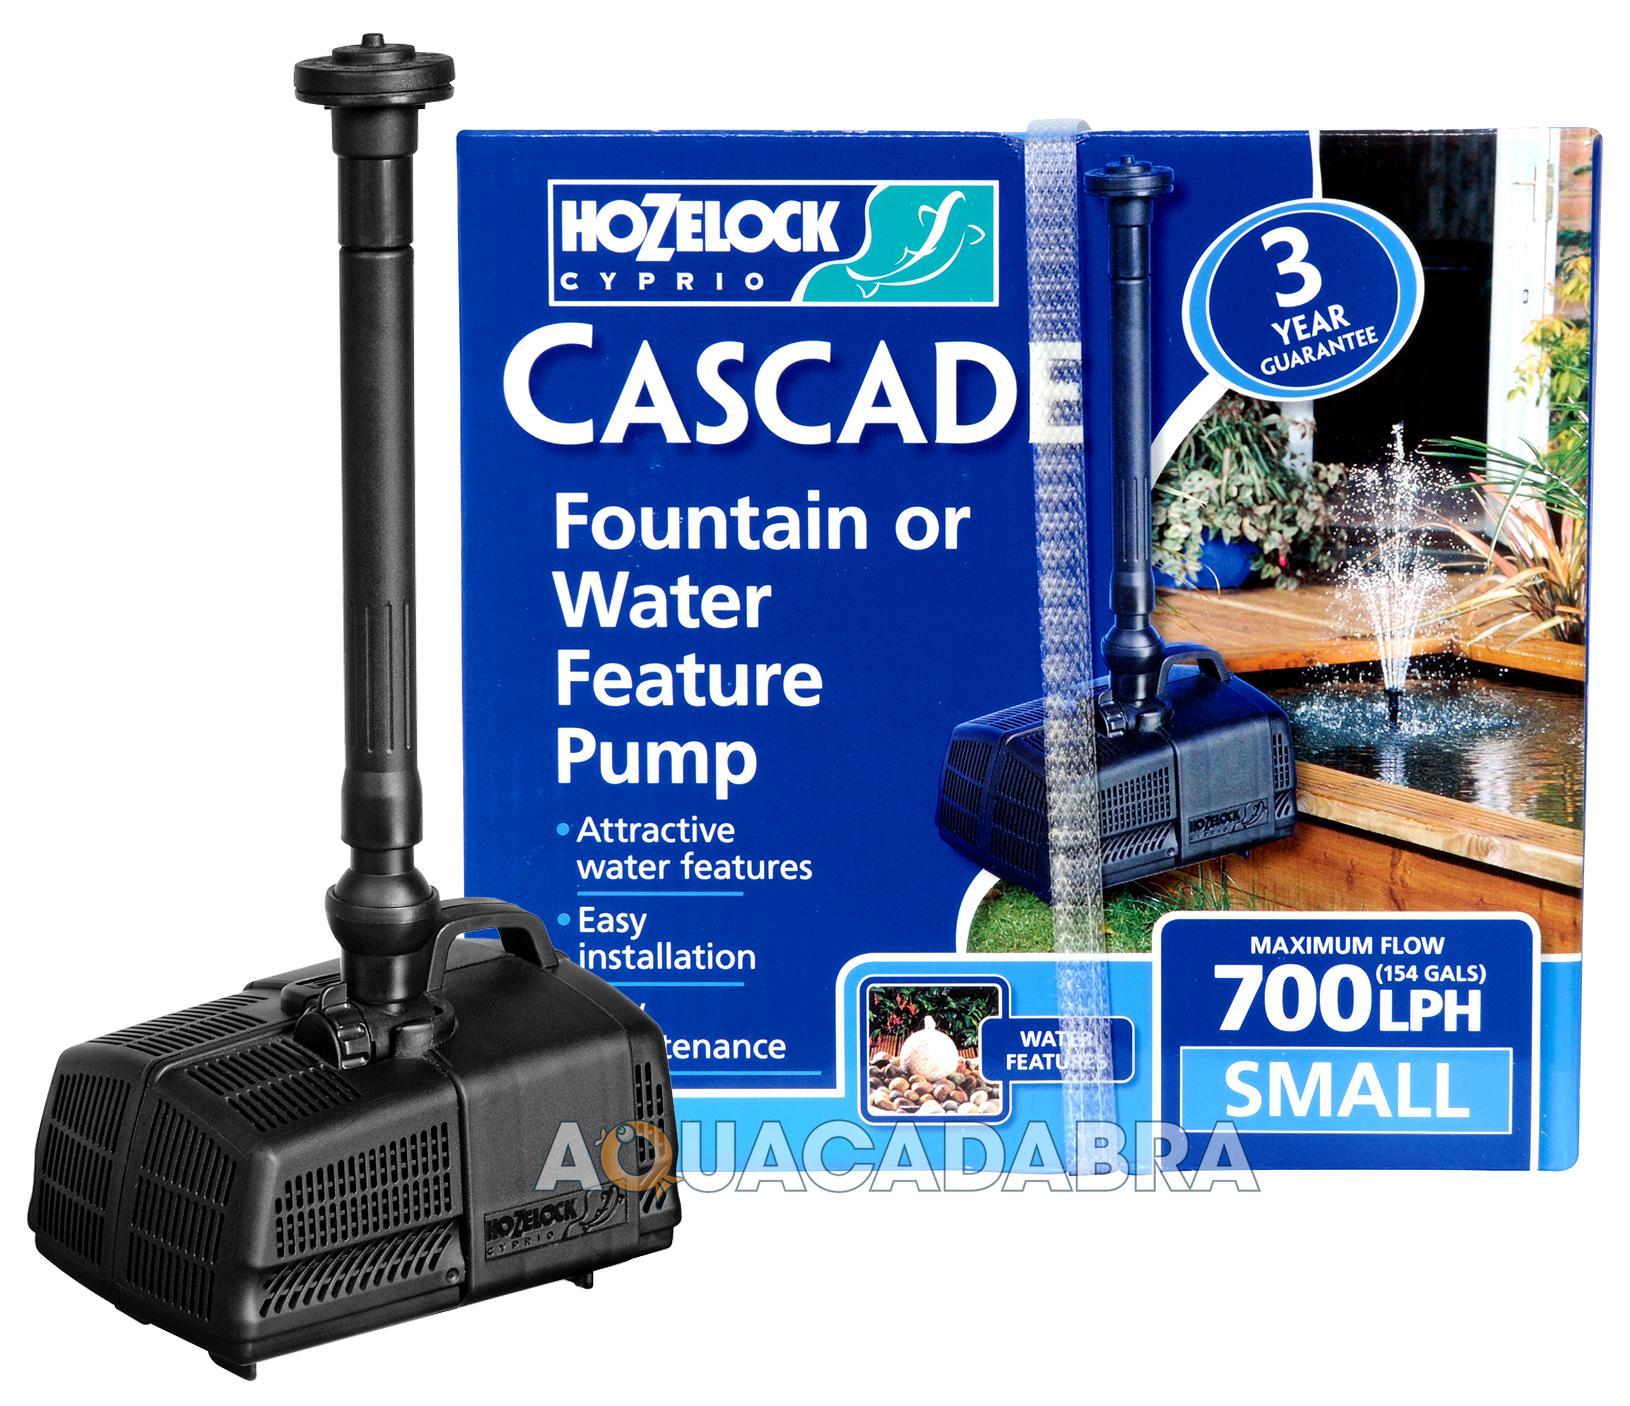 Hozelock cascade garden fish pond fountain waterfall pump for Hozelock pond pumps